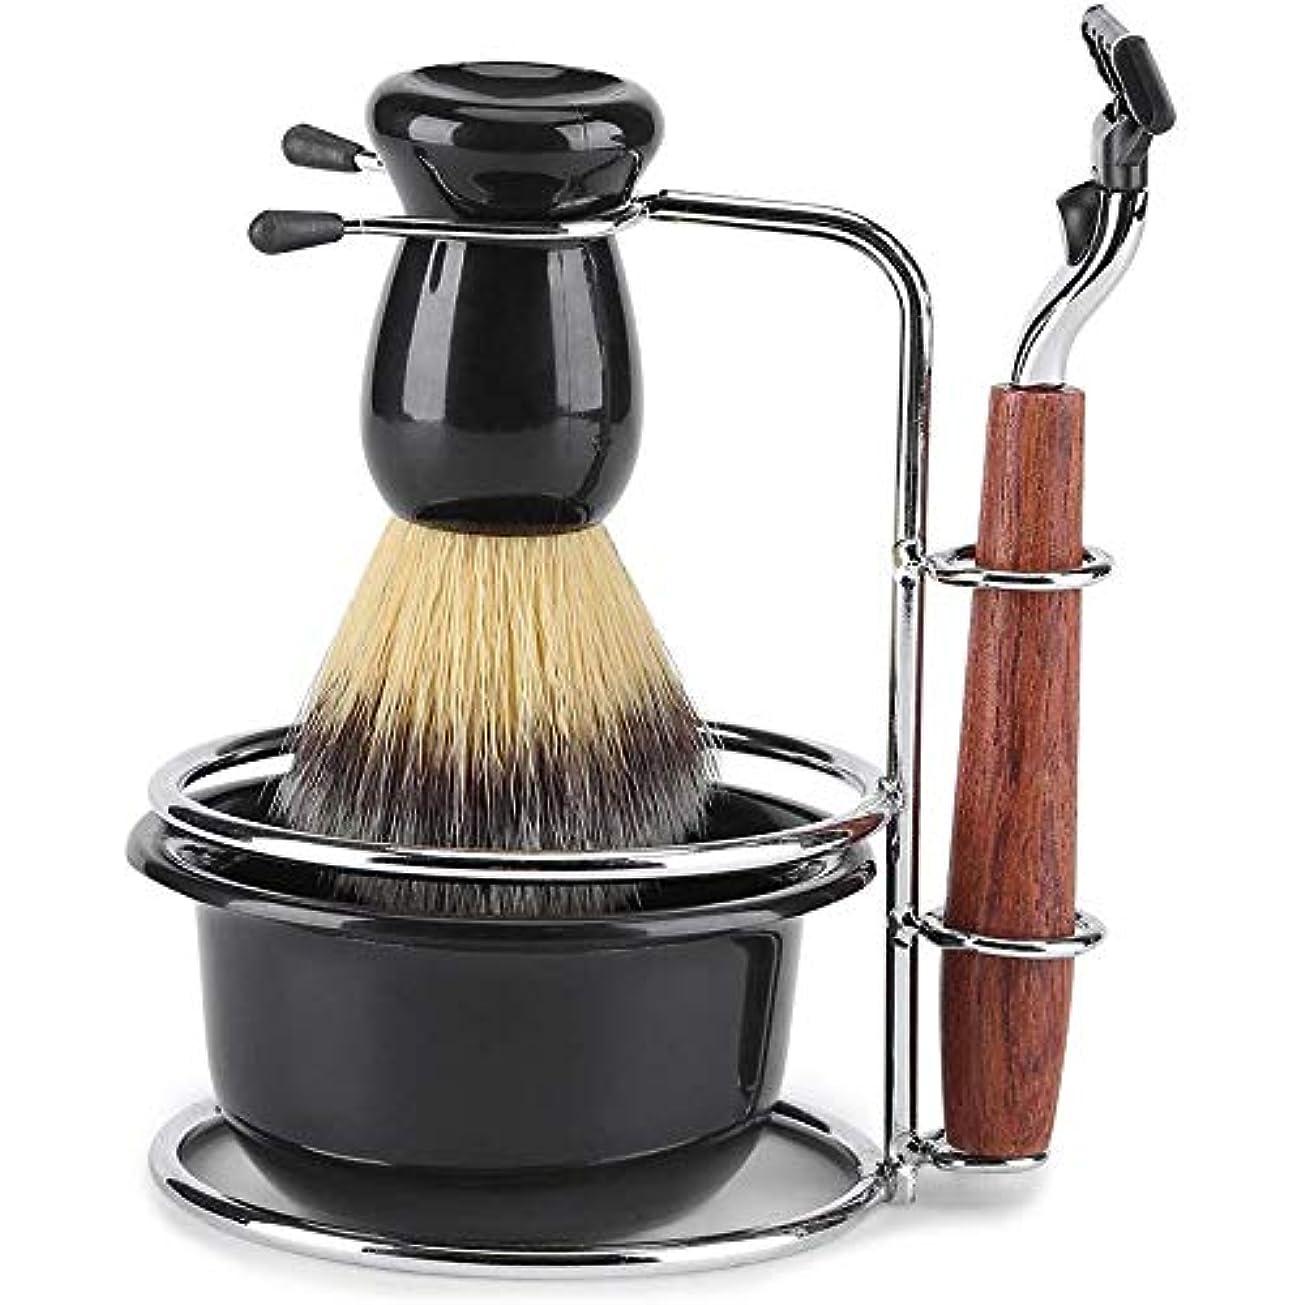 社会まつげ戸棚4セットシェービングブラシセットプラシスタンド 石鹸ボウル父の日プレゼント ひげブラシ シェービングブラシ 洗顔 髭剃り